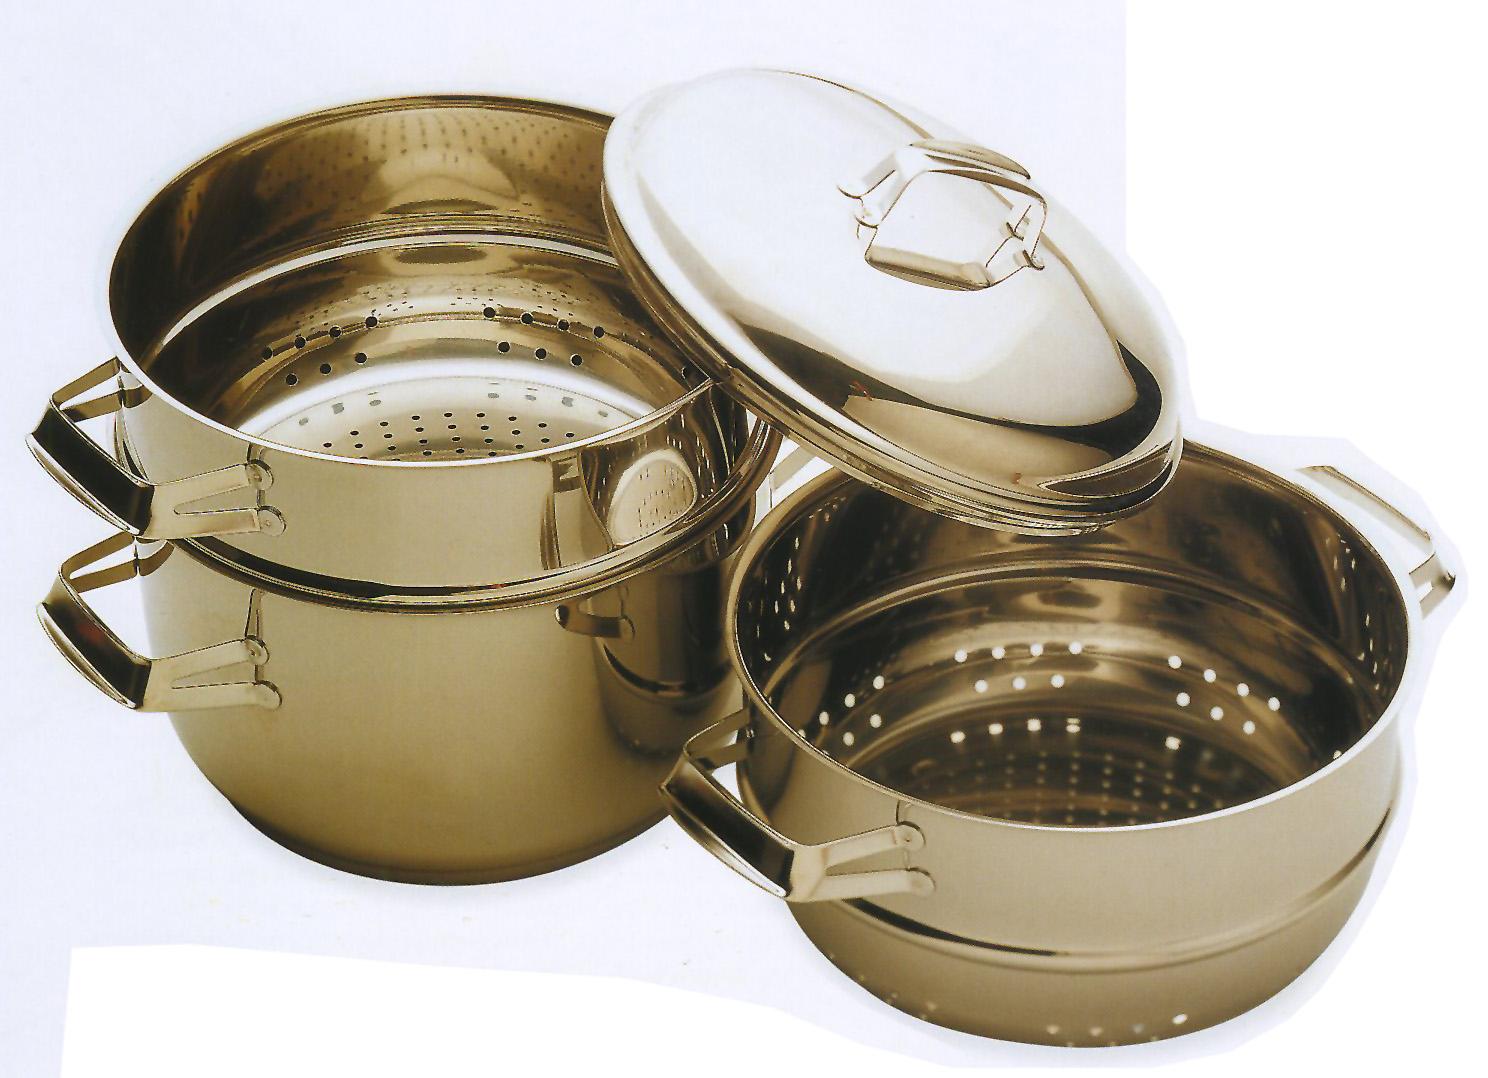 Sabores del mundo cocina japonesa utensilios iv for Utensilios medidores cocina